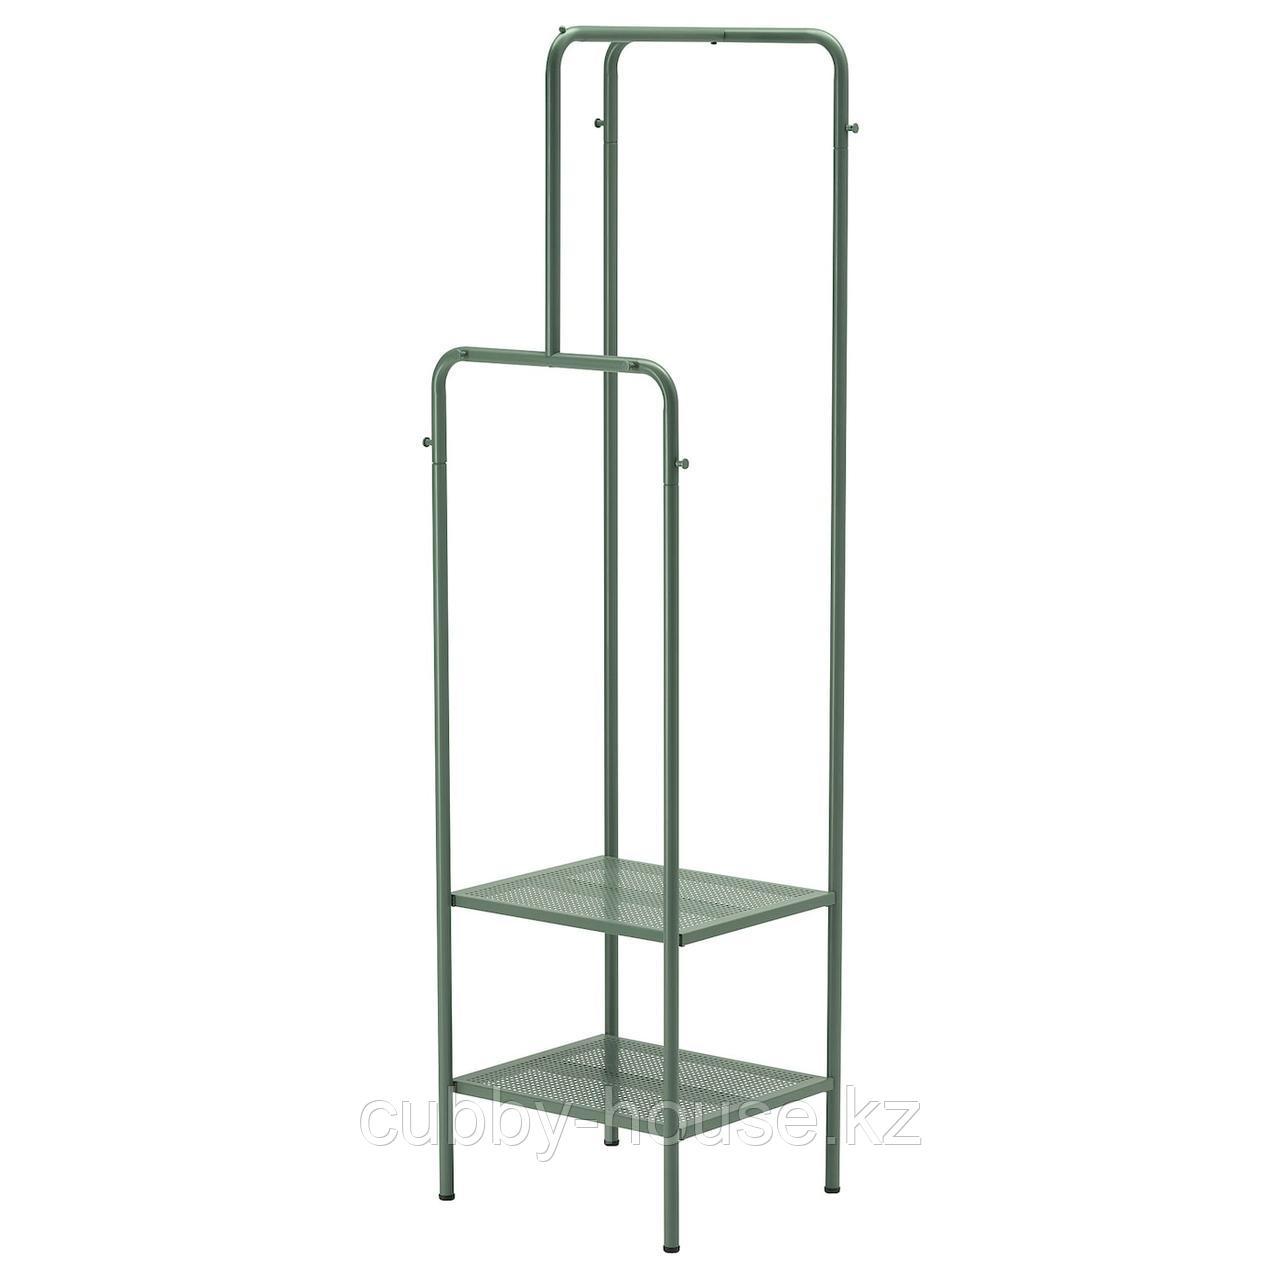 НИККЕБИ Напольная вешалка, серо-зеленый, 45x170 см